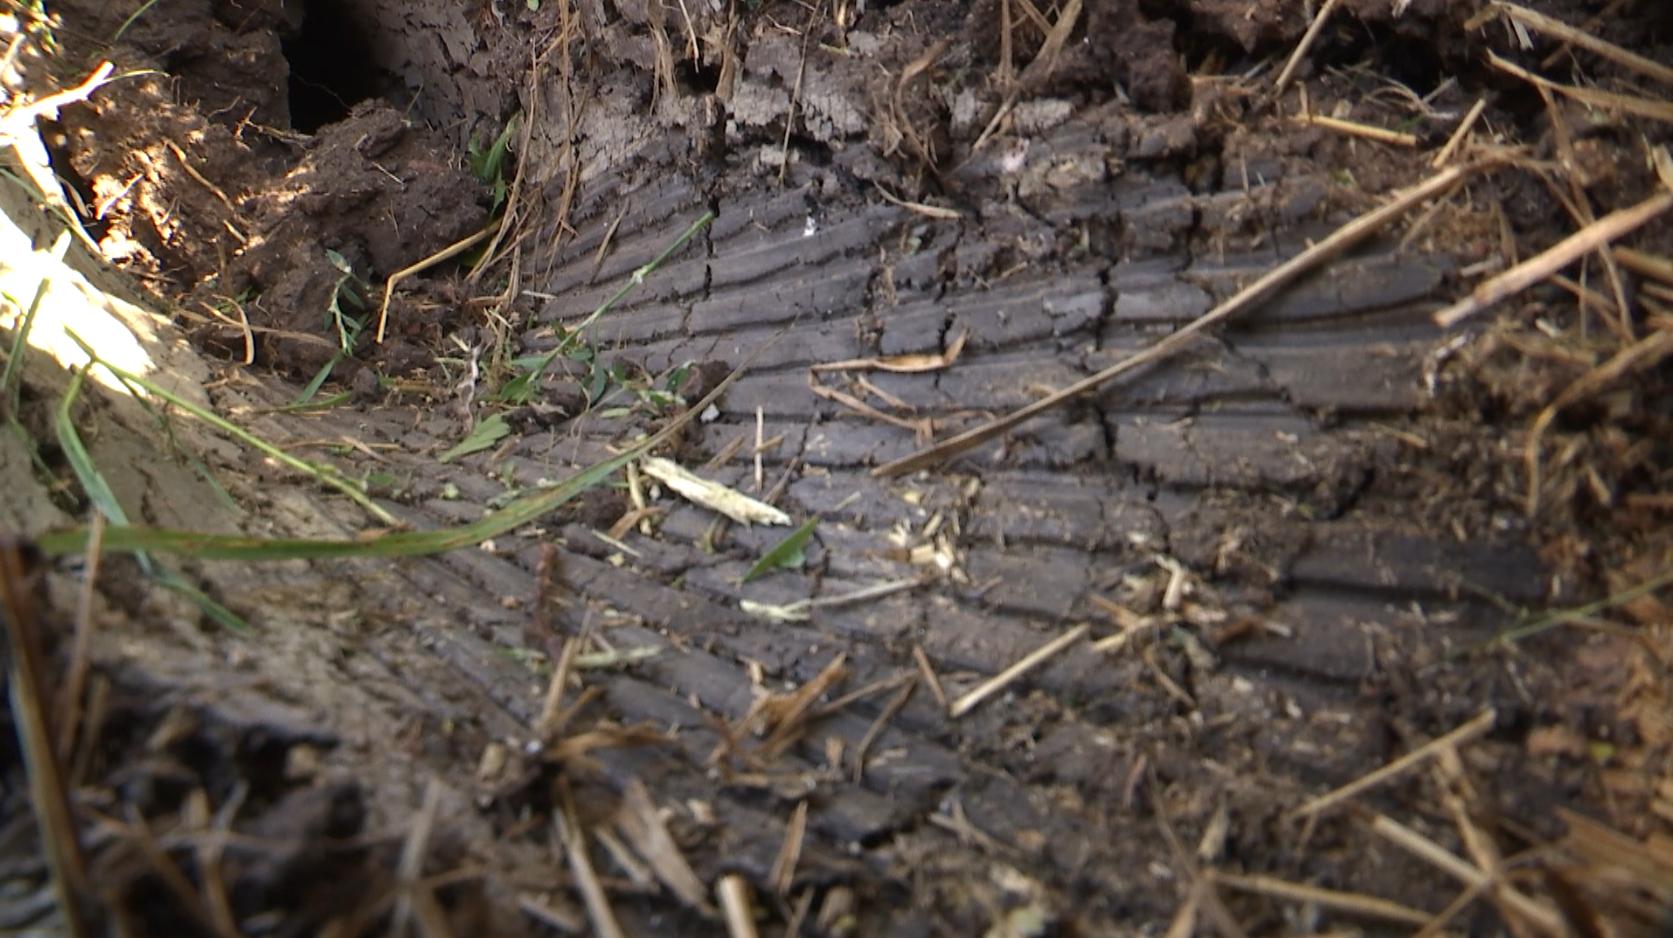 В земле четко видно желобки, оставленные ребристой поверхностью артснаряда